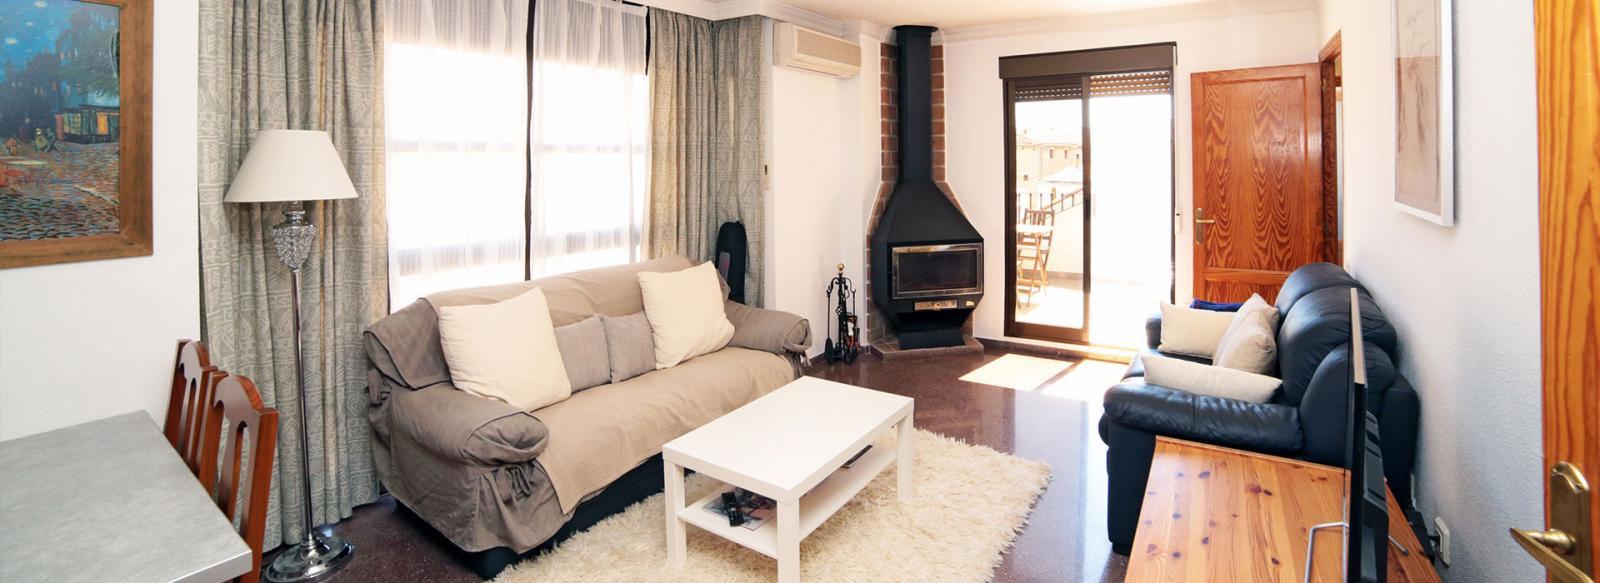 acb.immo - Attique de 2 chambres avec terrasse dans le centre historique de Pego, Région de Dénia